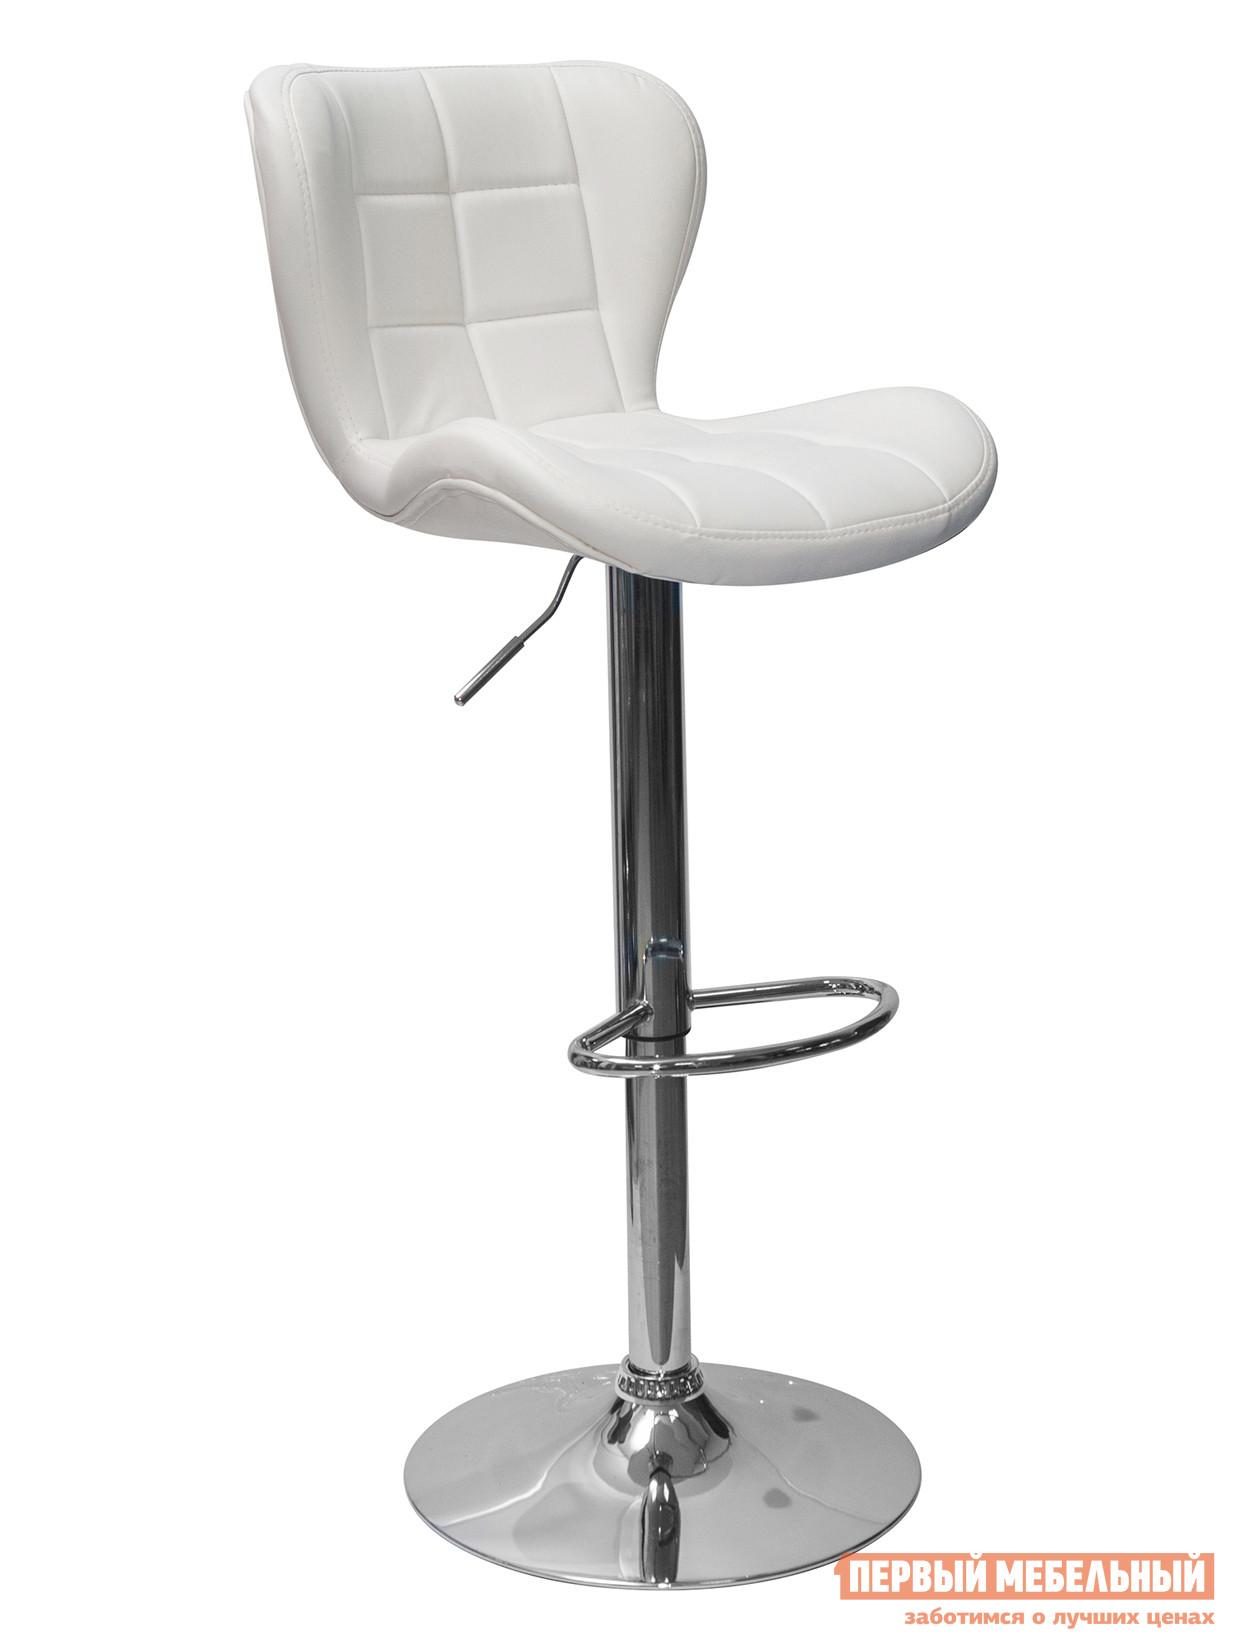 Барный стул STOOL GROUP Стул барный ПОРШЕ Белый